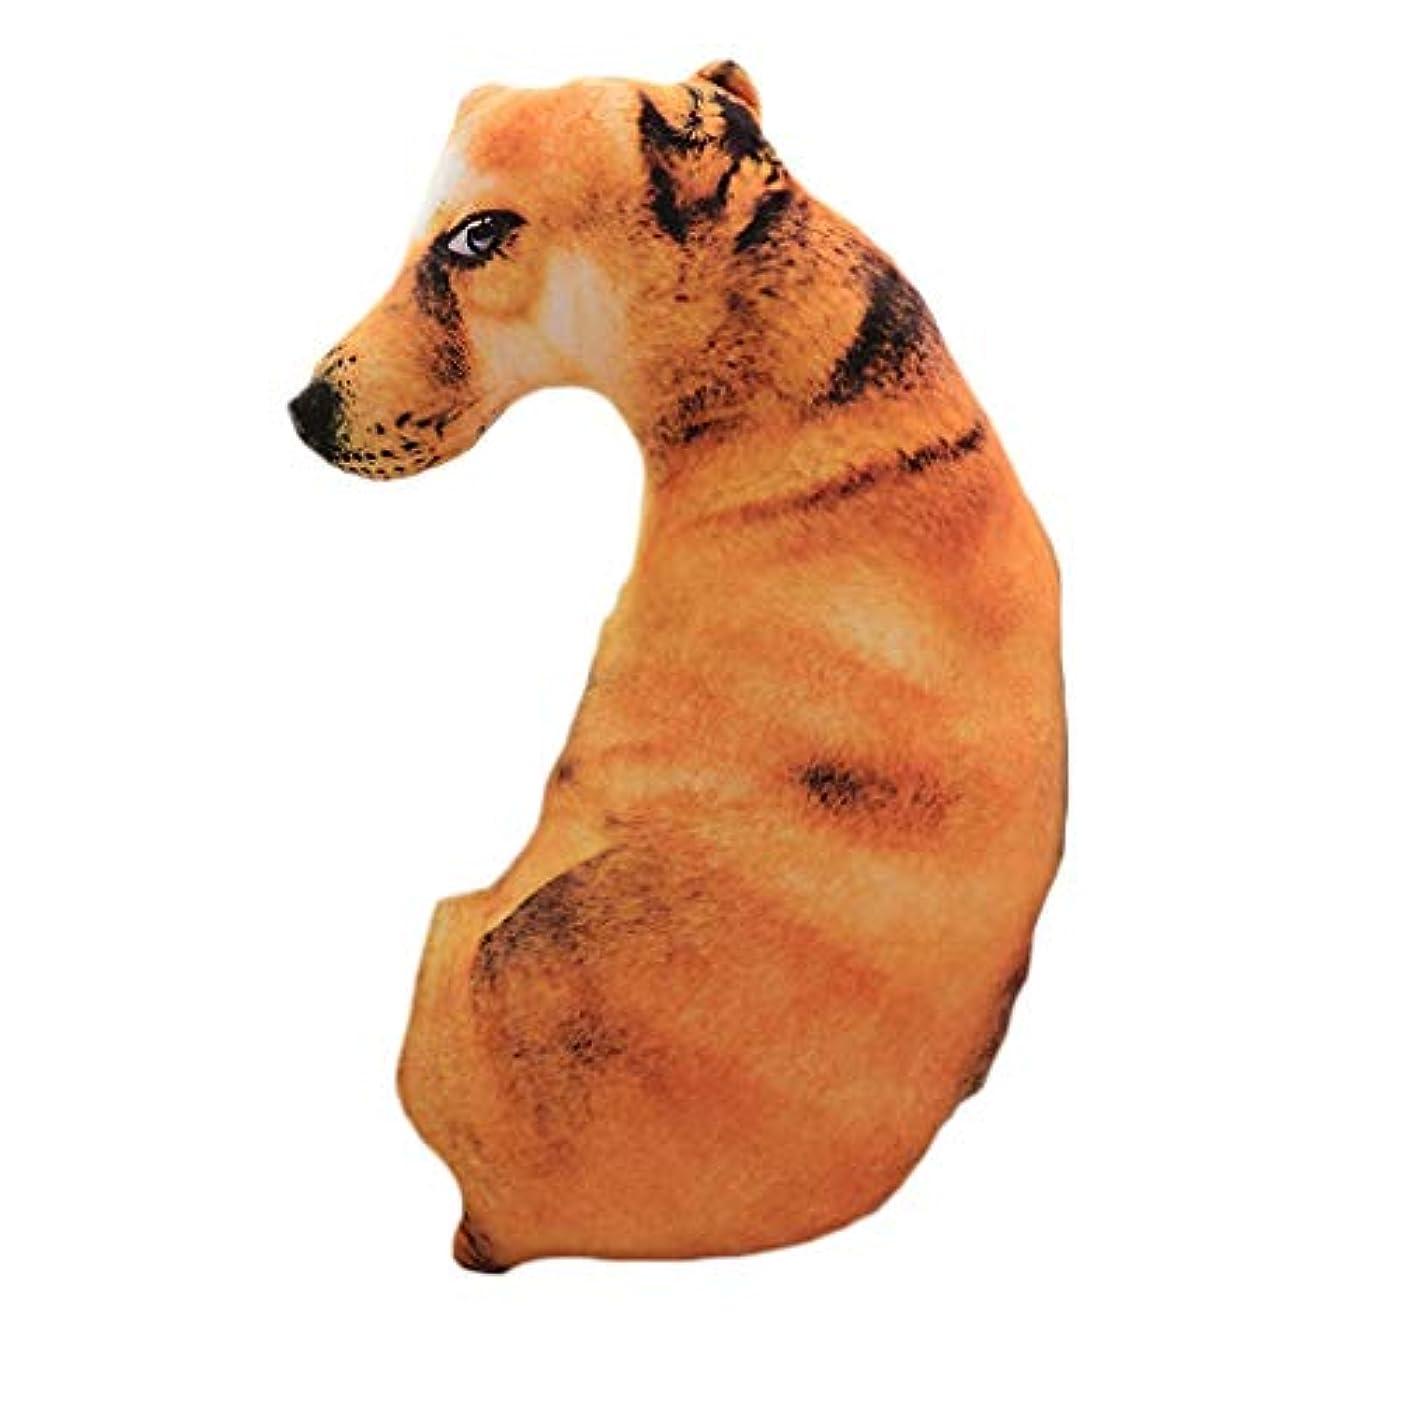 佐賀行差し迫ったLIFE 装飾クッションソファおかしい 3D 犬印刷スロー枕創造クッションかわいいぬいぐるみギフト家の装飾 coussin decoratif クッション 椅子